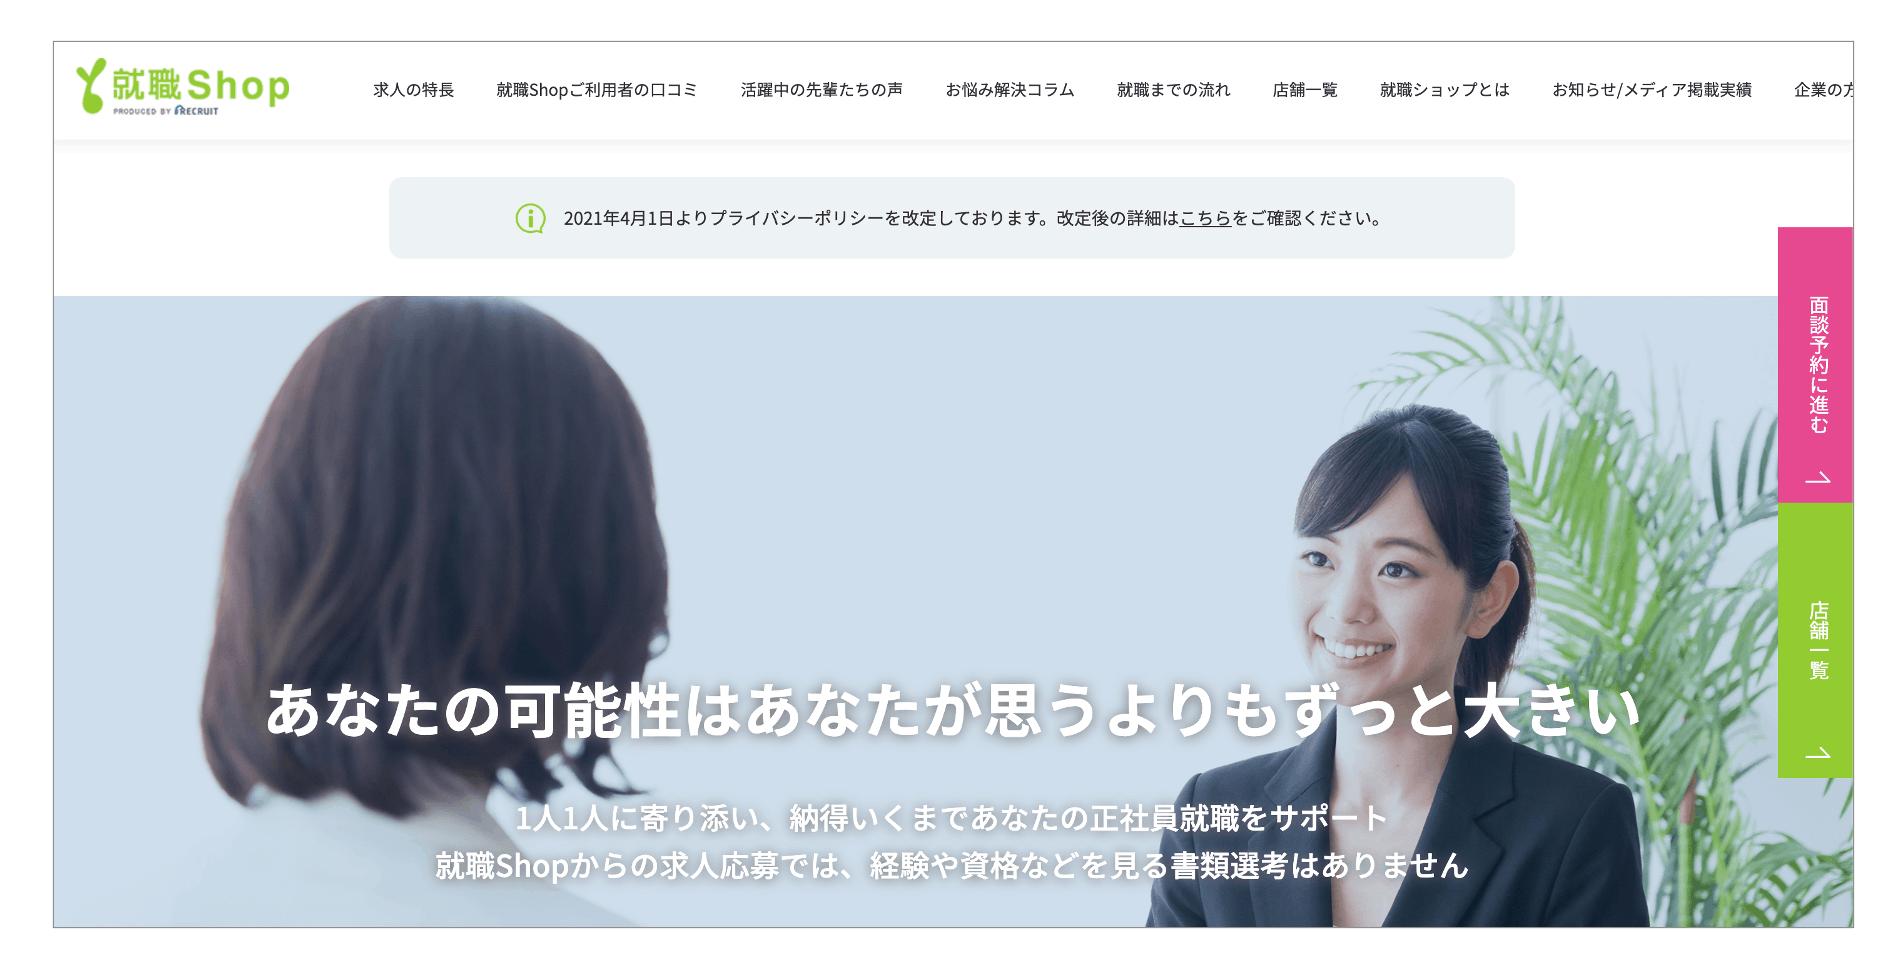 第二新卒におすすめの転職サイト「就職SHOP」